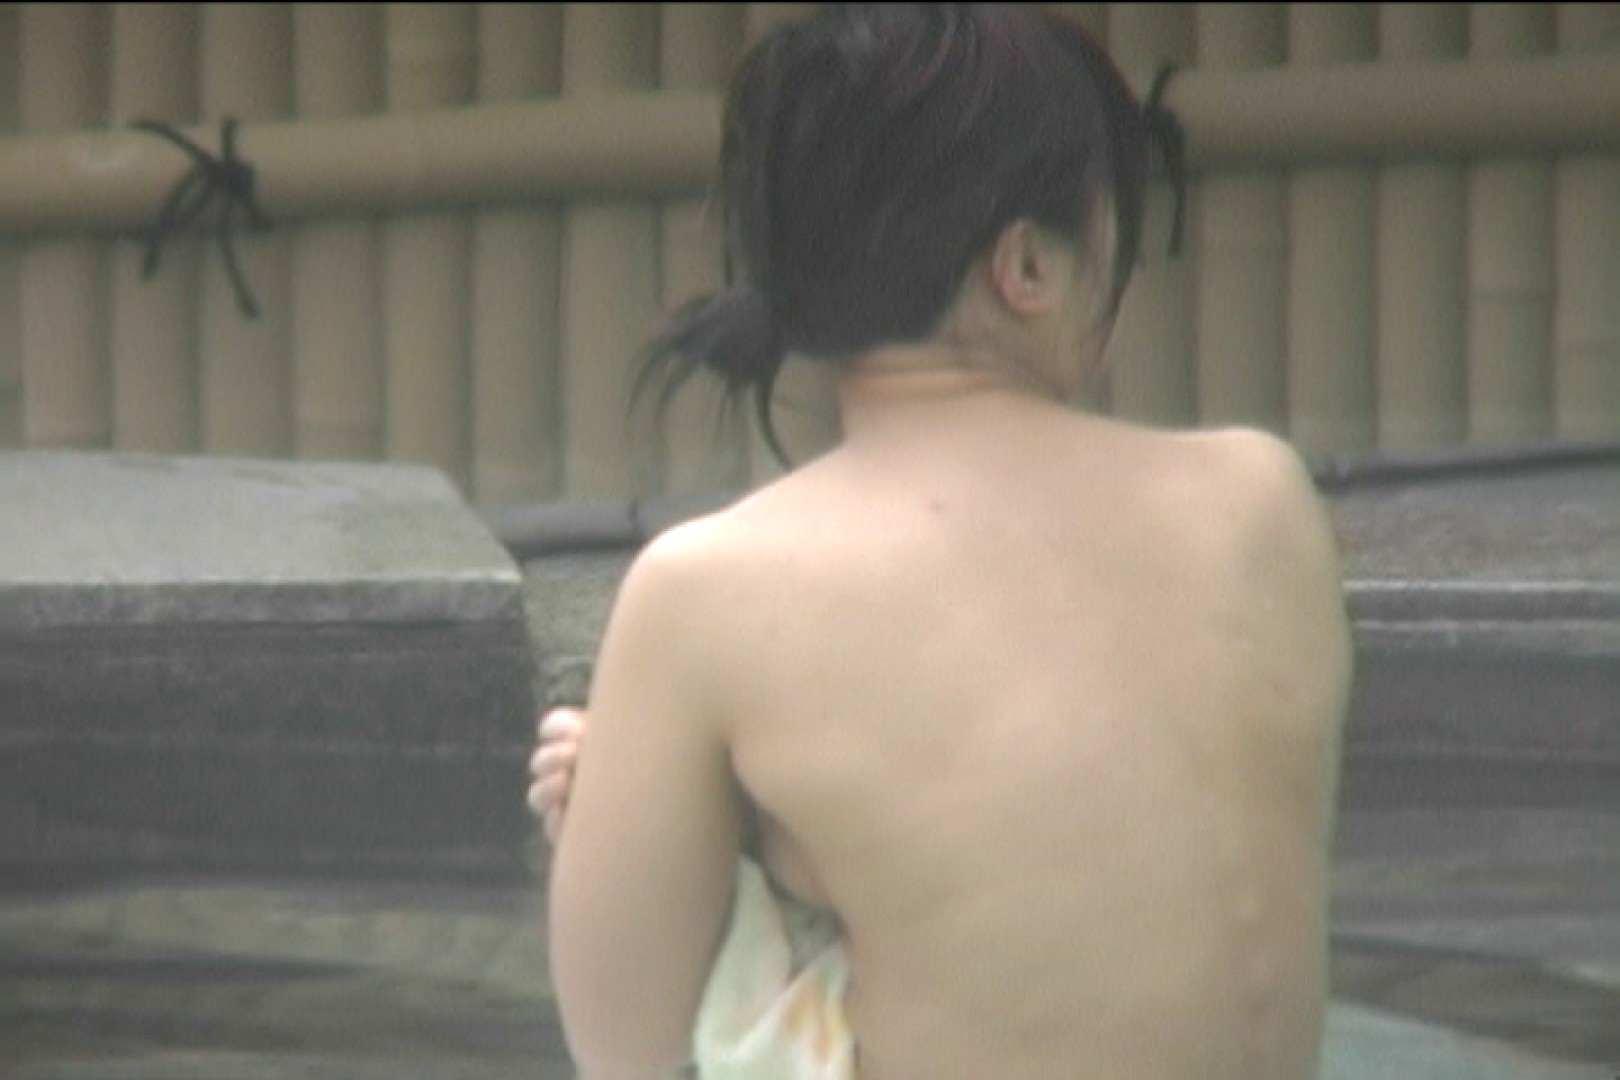 Aquaな露天風呂Vol.140 露天 | 盗撮  78pic 74